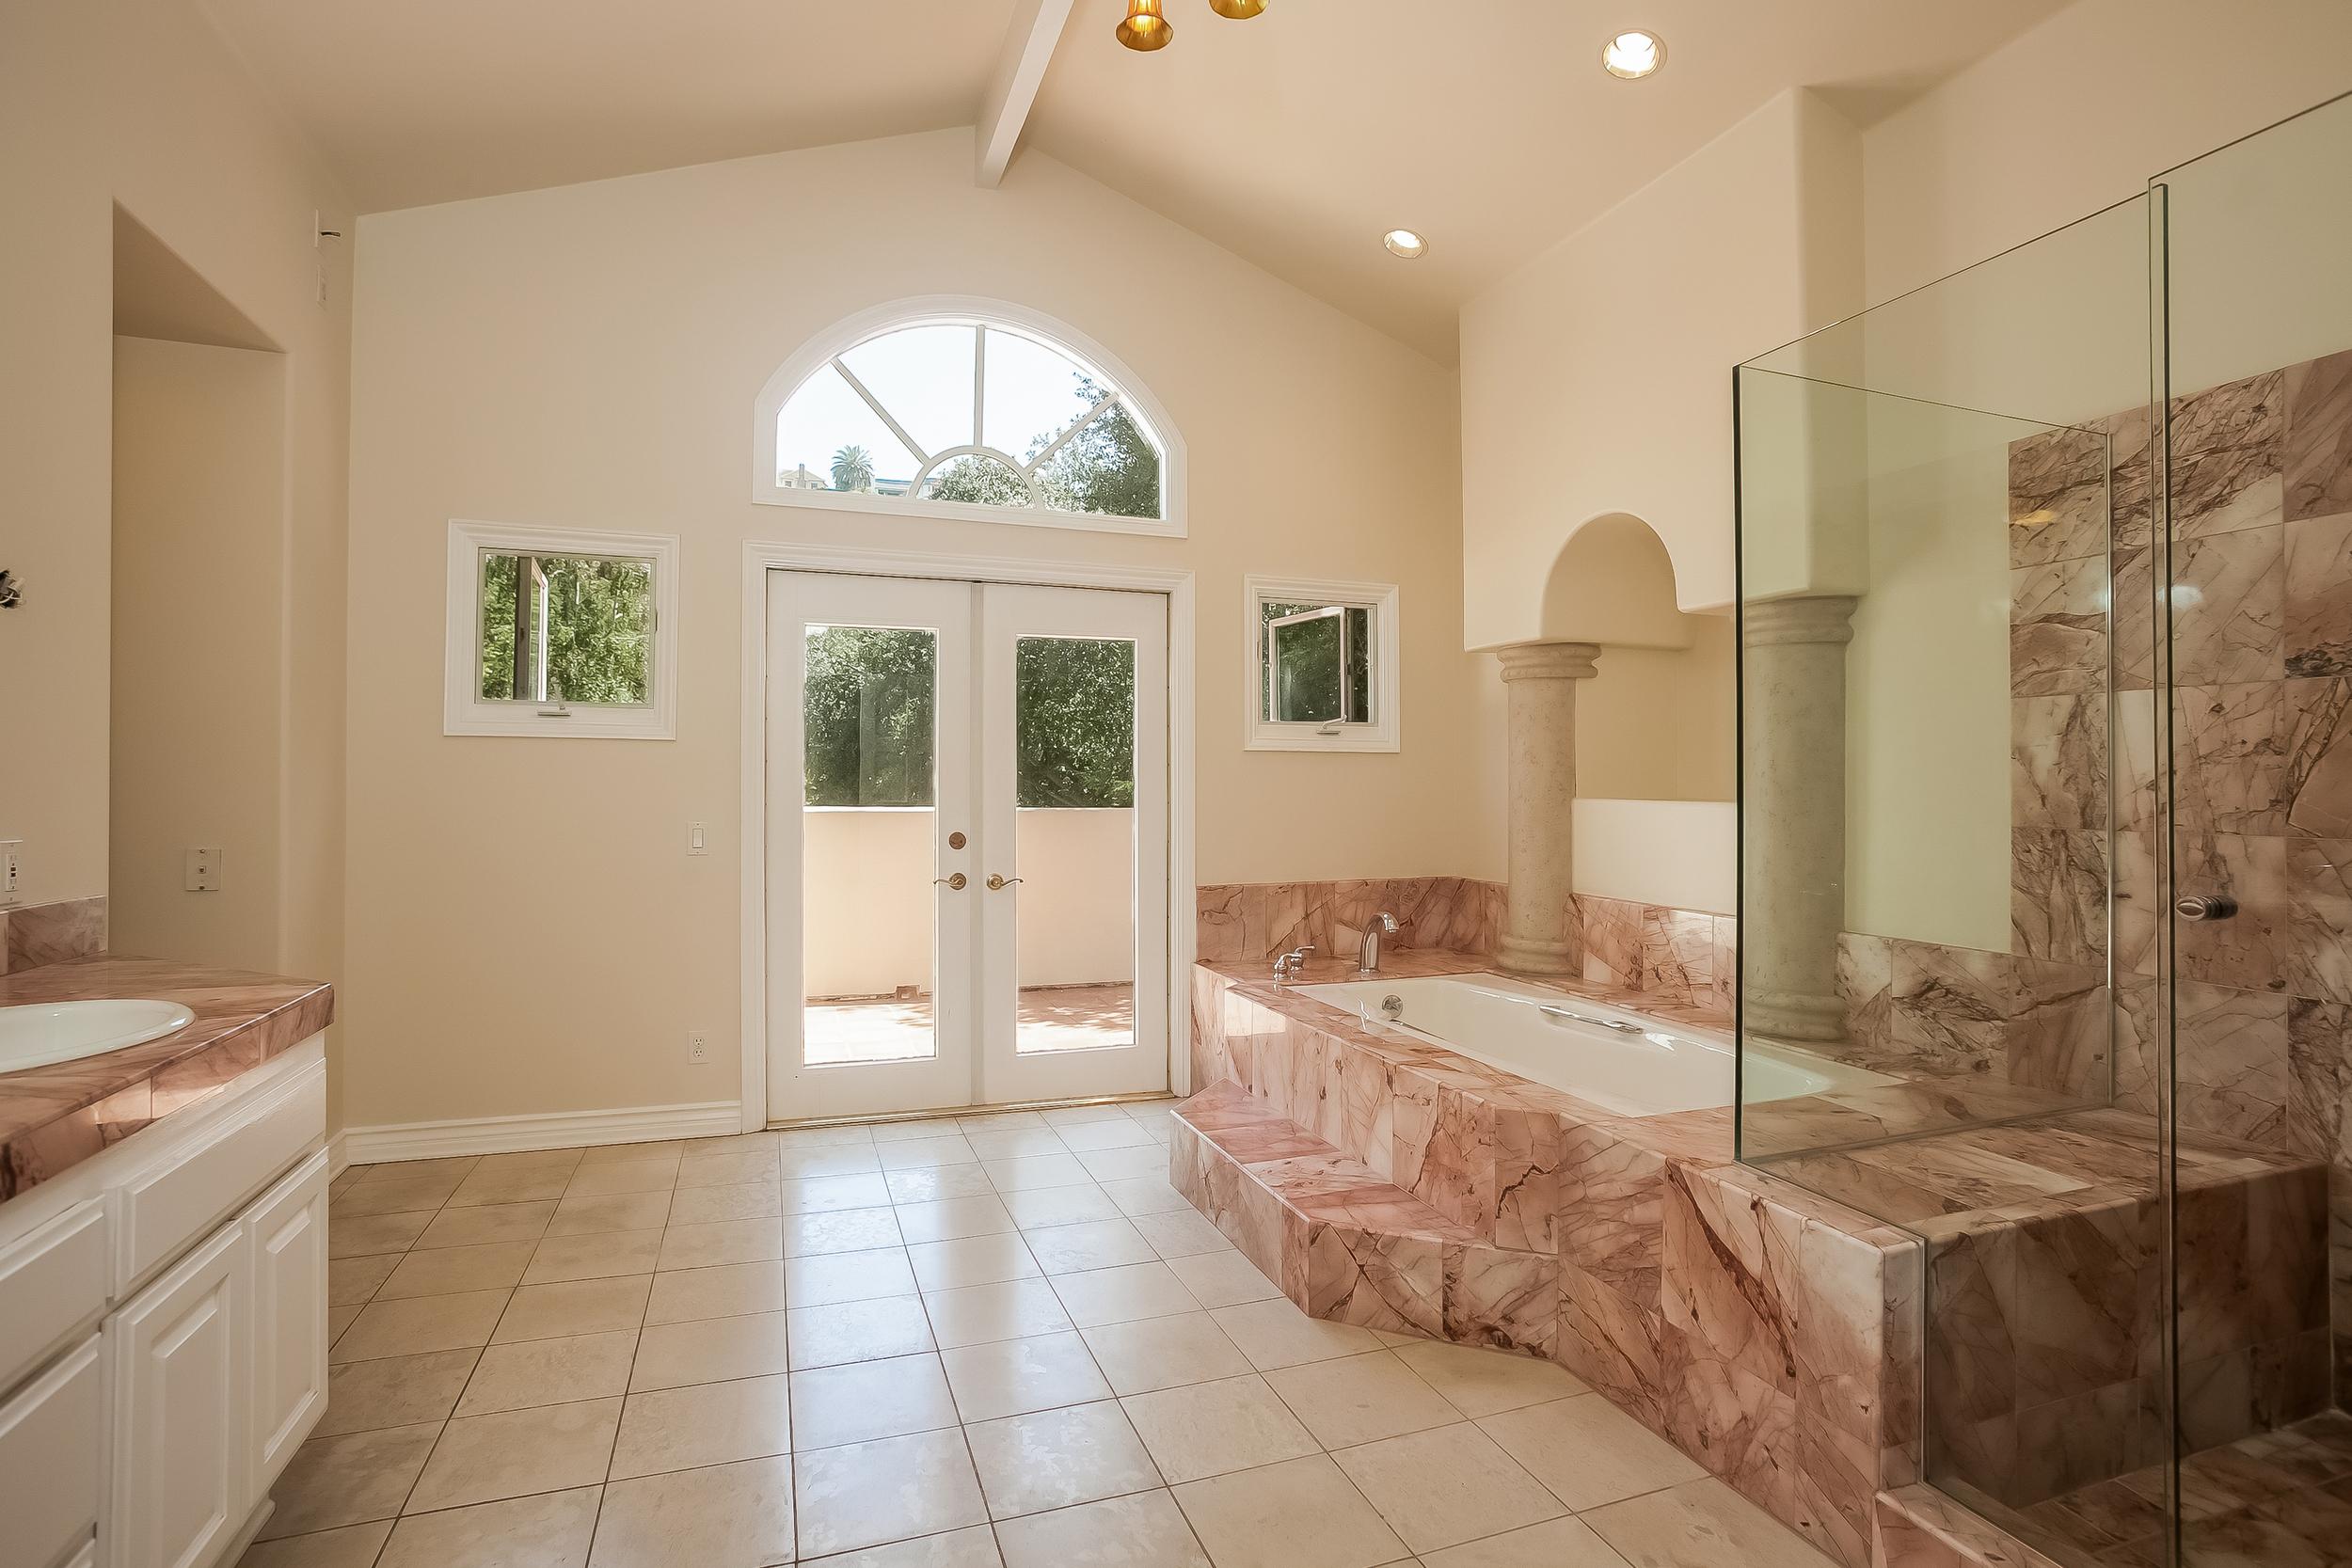 023-Master_Bathroom-2804416-large.jpg